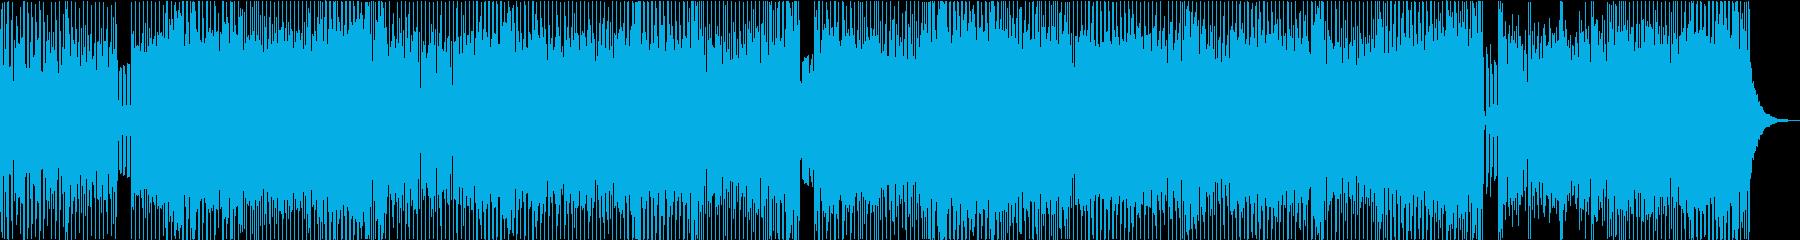 懐かしい80s ローファイ・ユーロビートの再生済みの波形